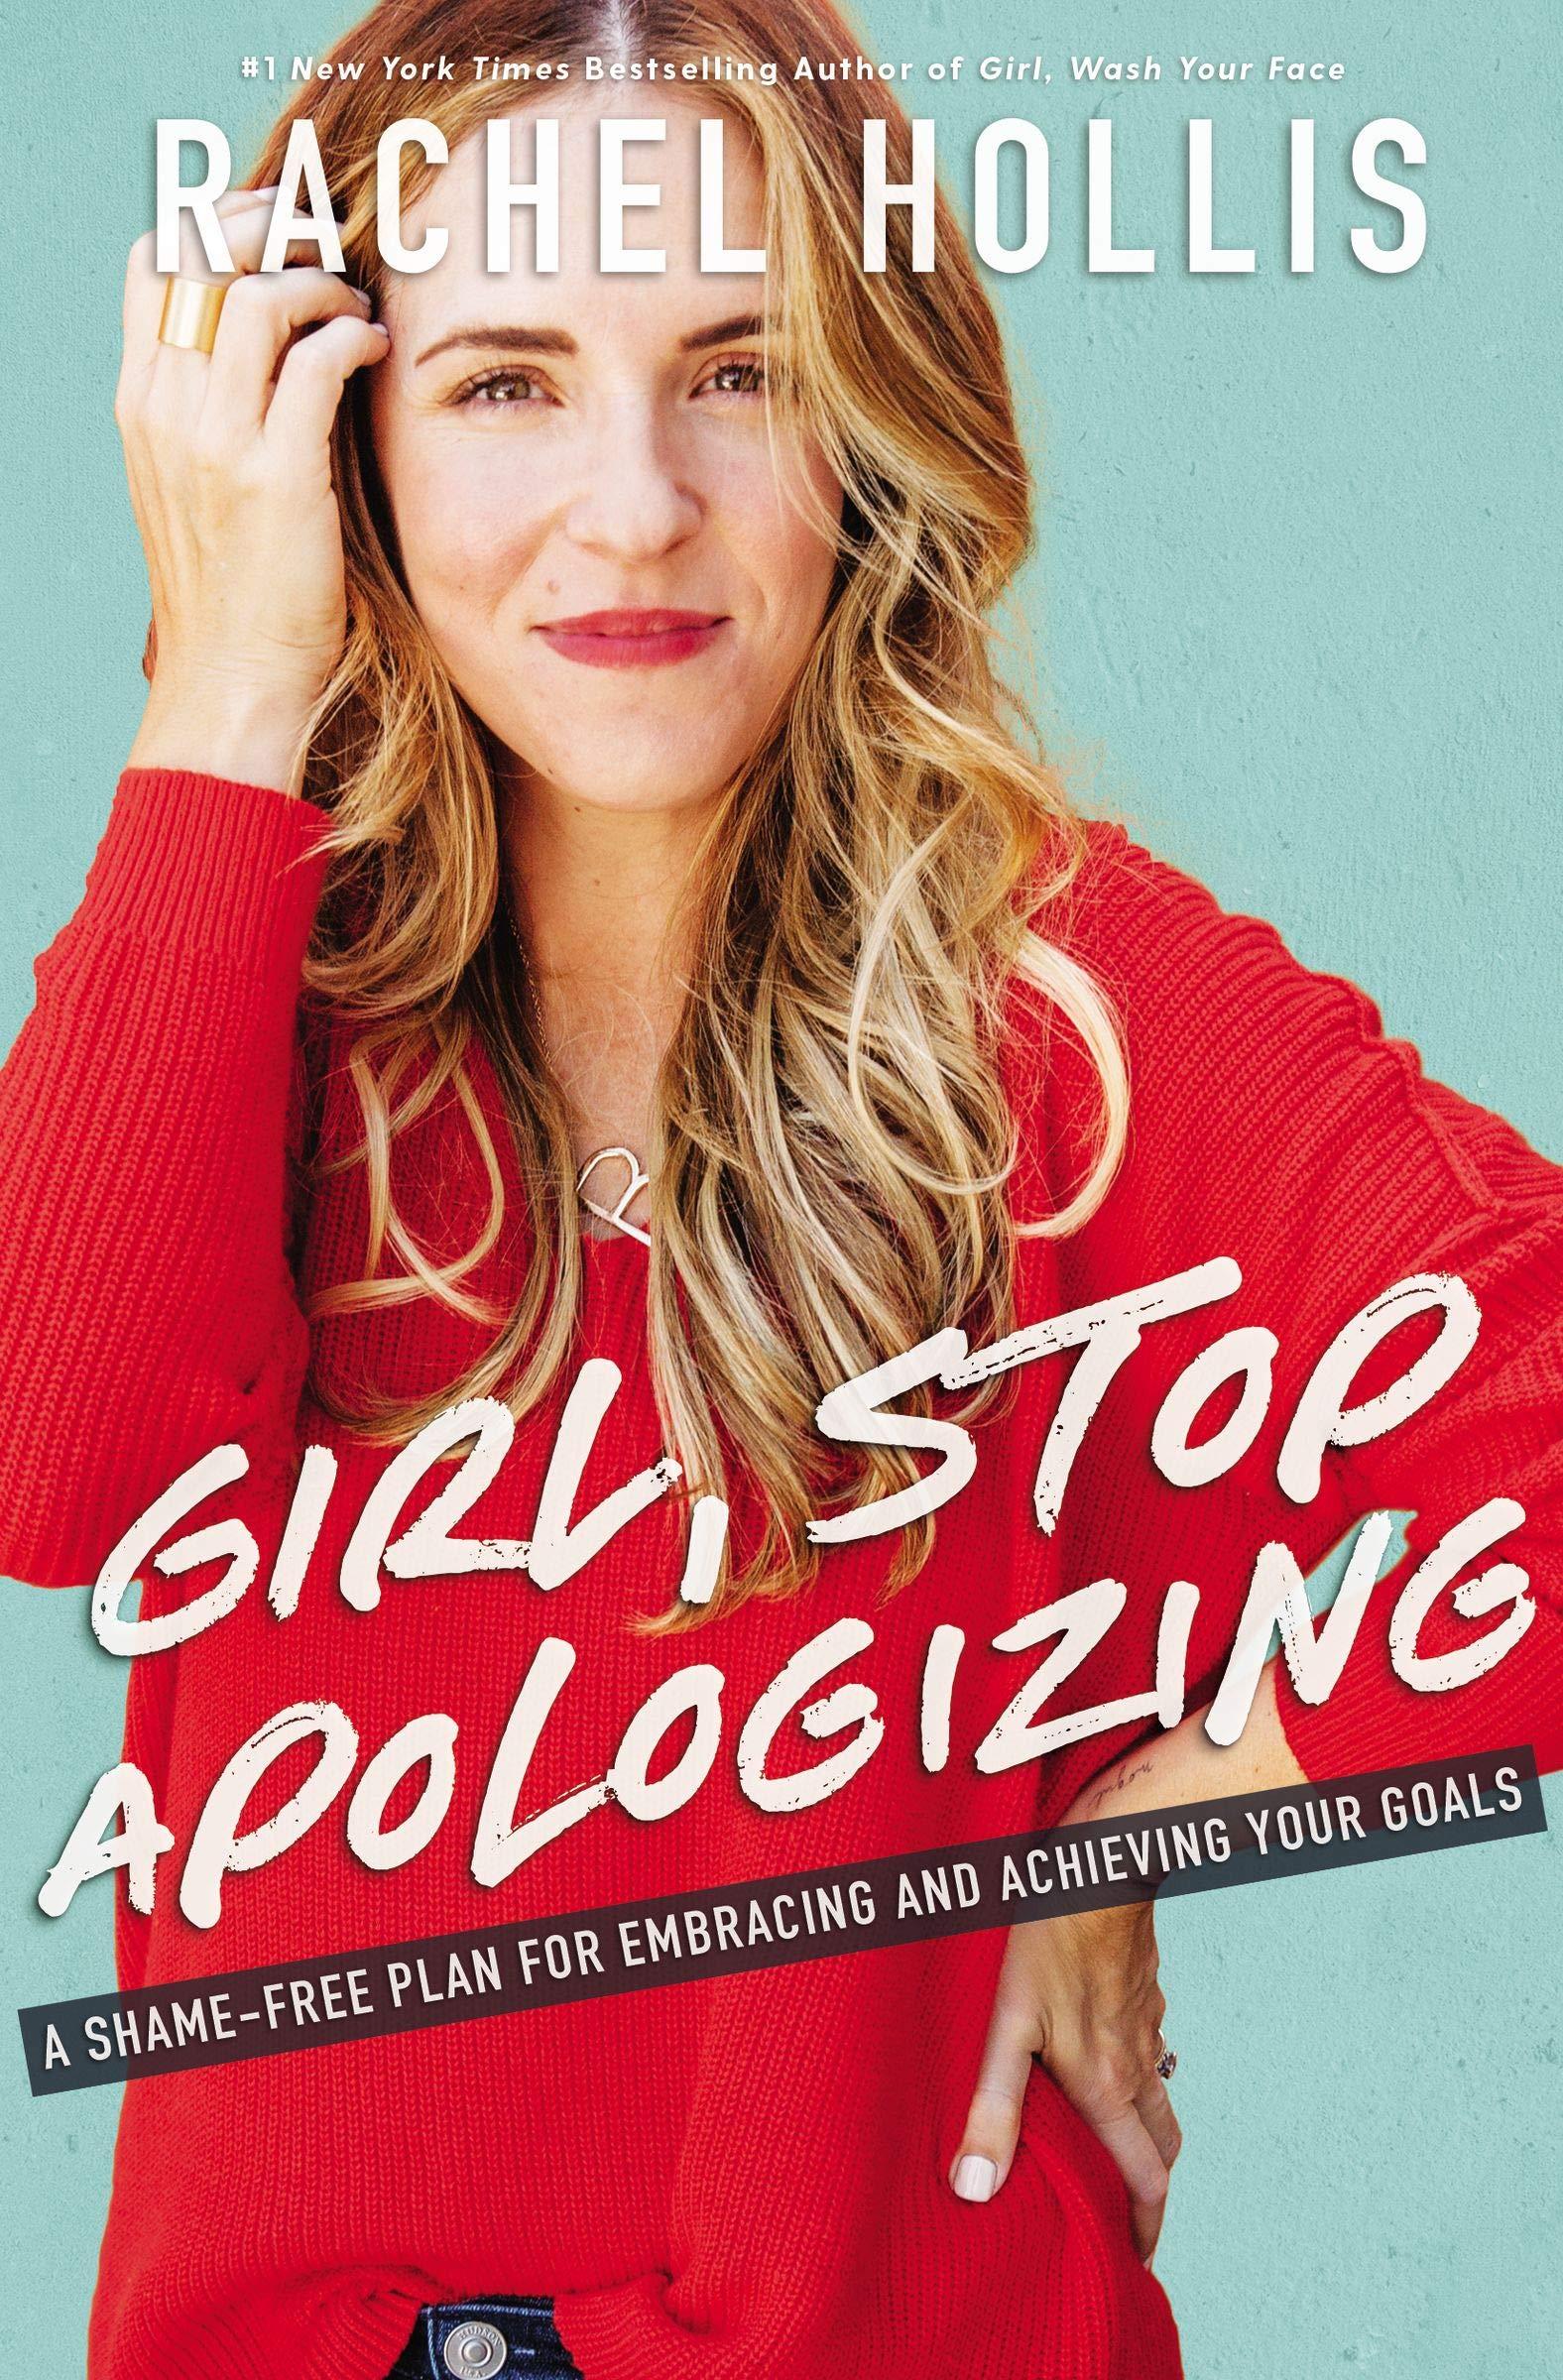 - Girl Stop Apologizingby Rachel Hollis